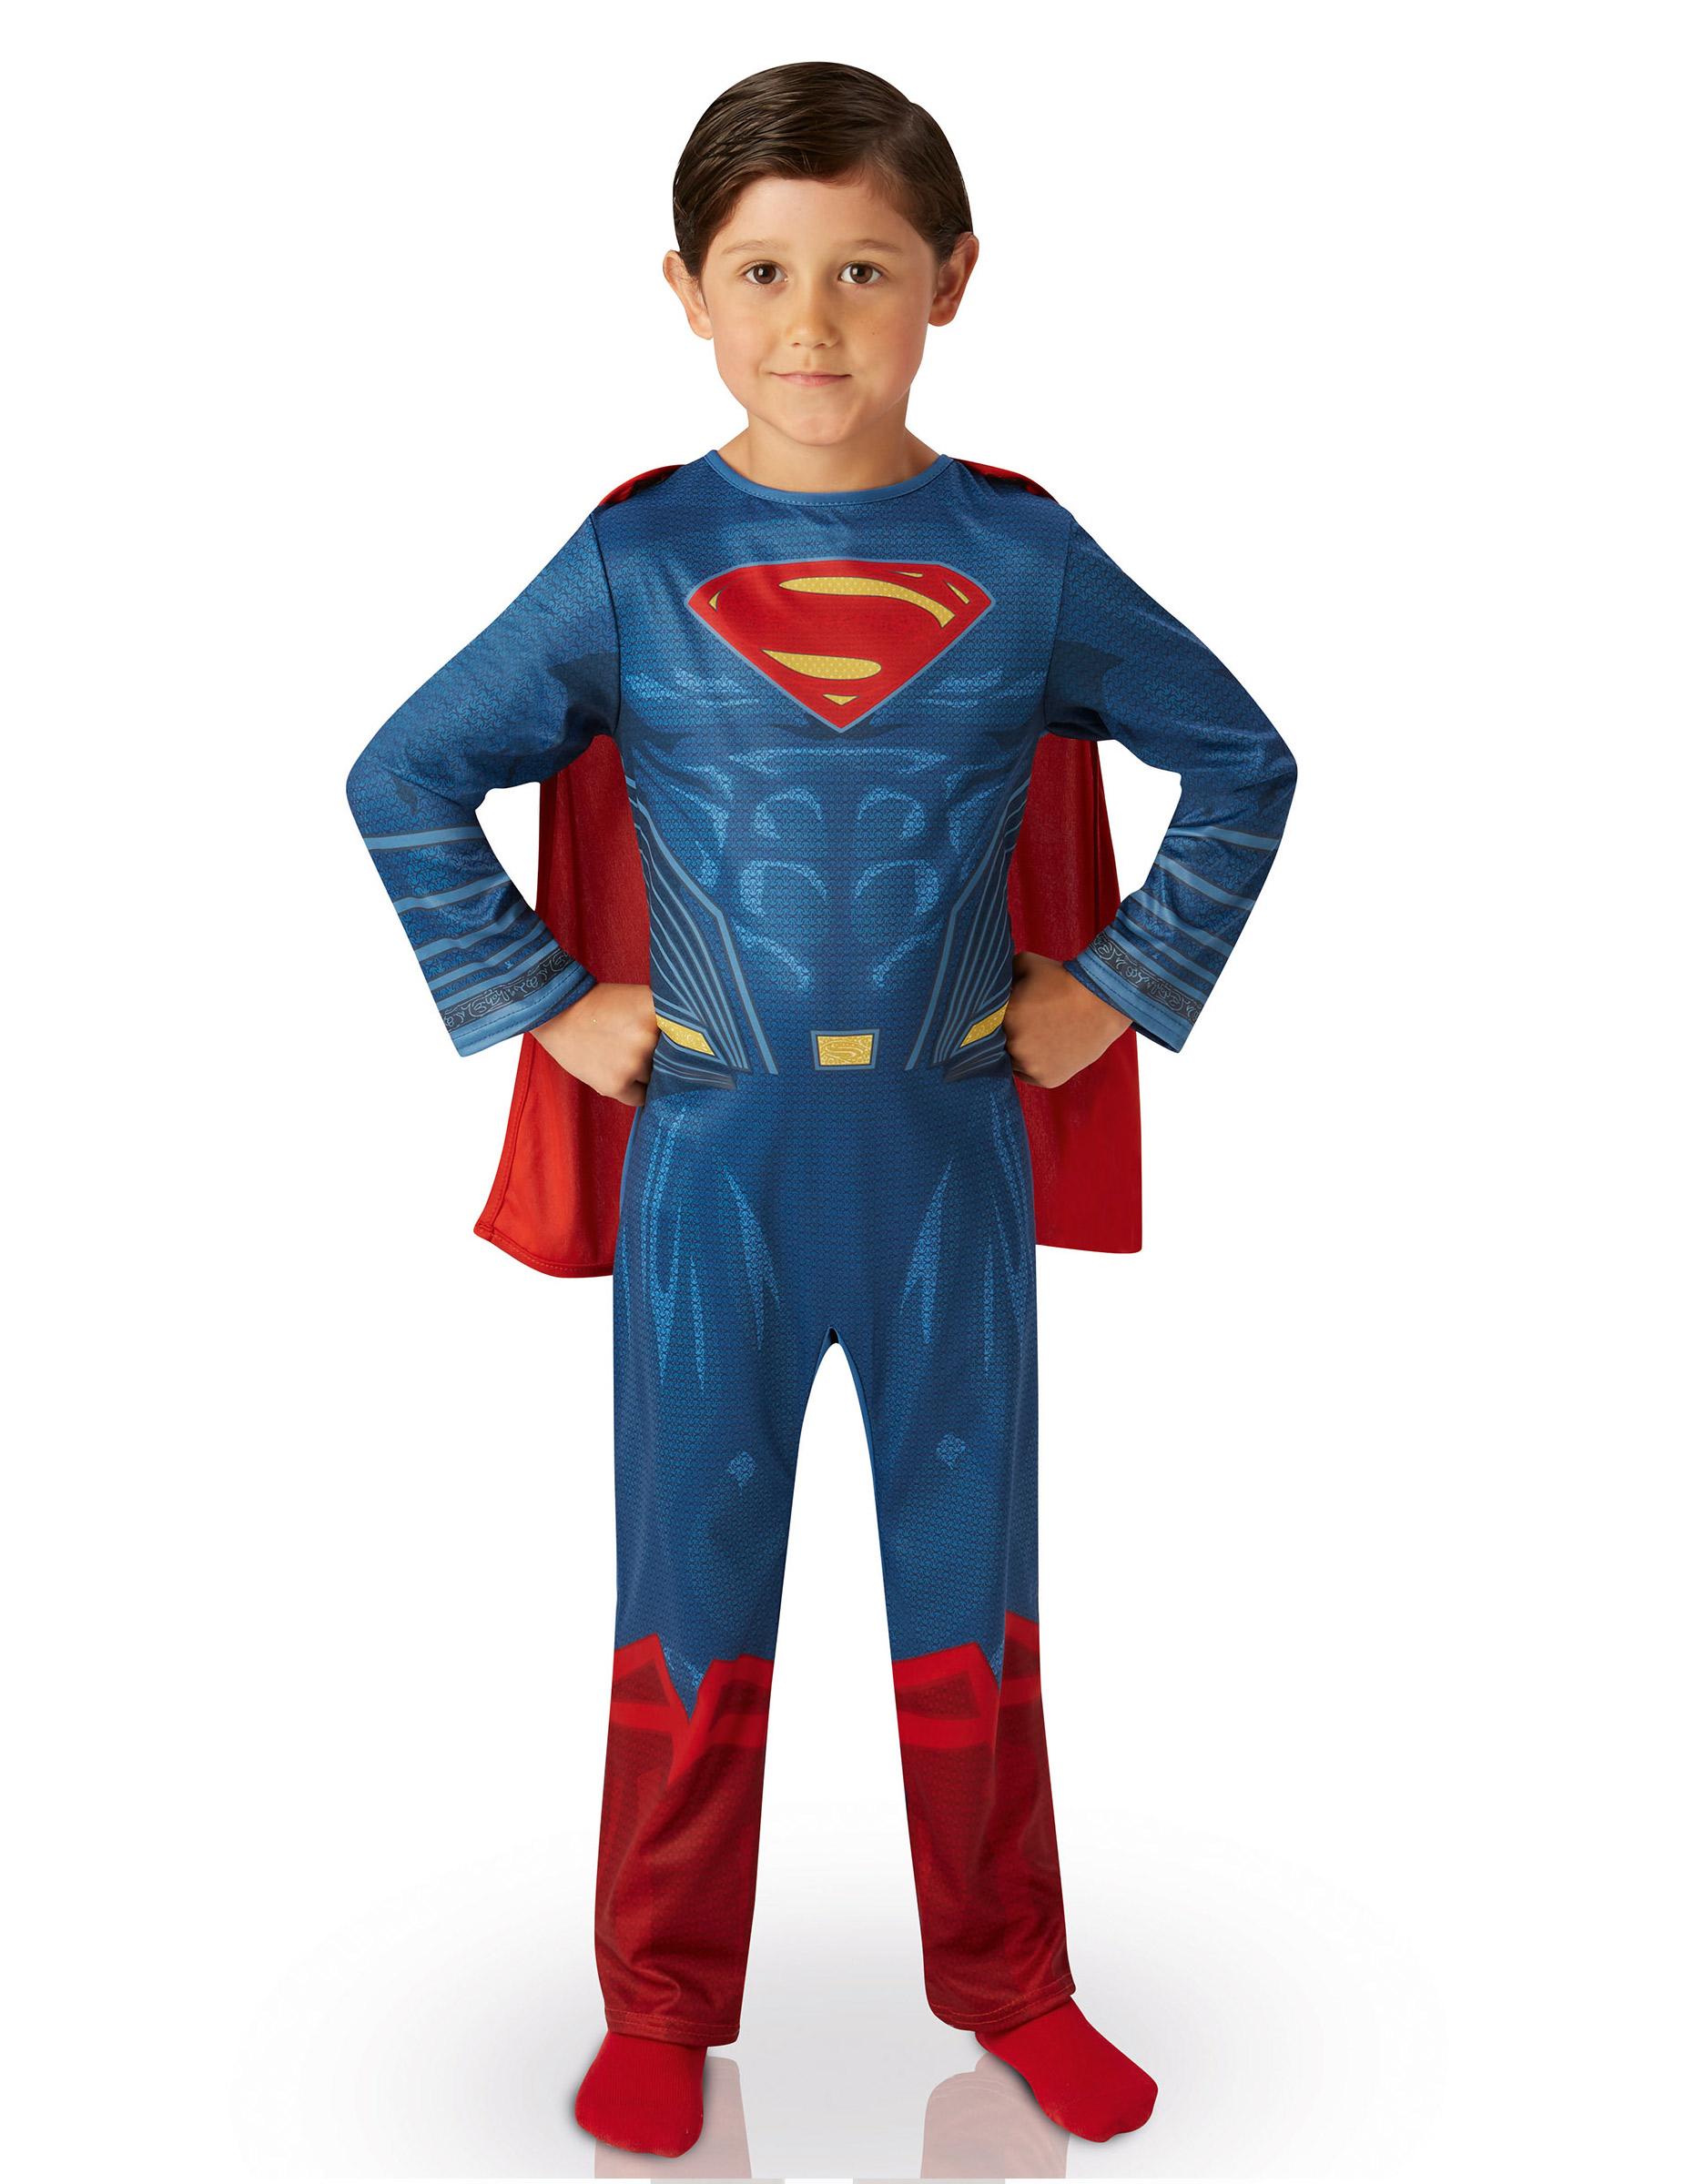 Costume Classico Da Superman Per Bambino Costumi Bambinie Vestiti